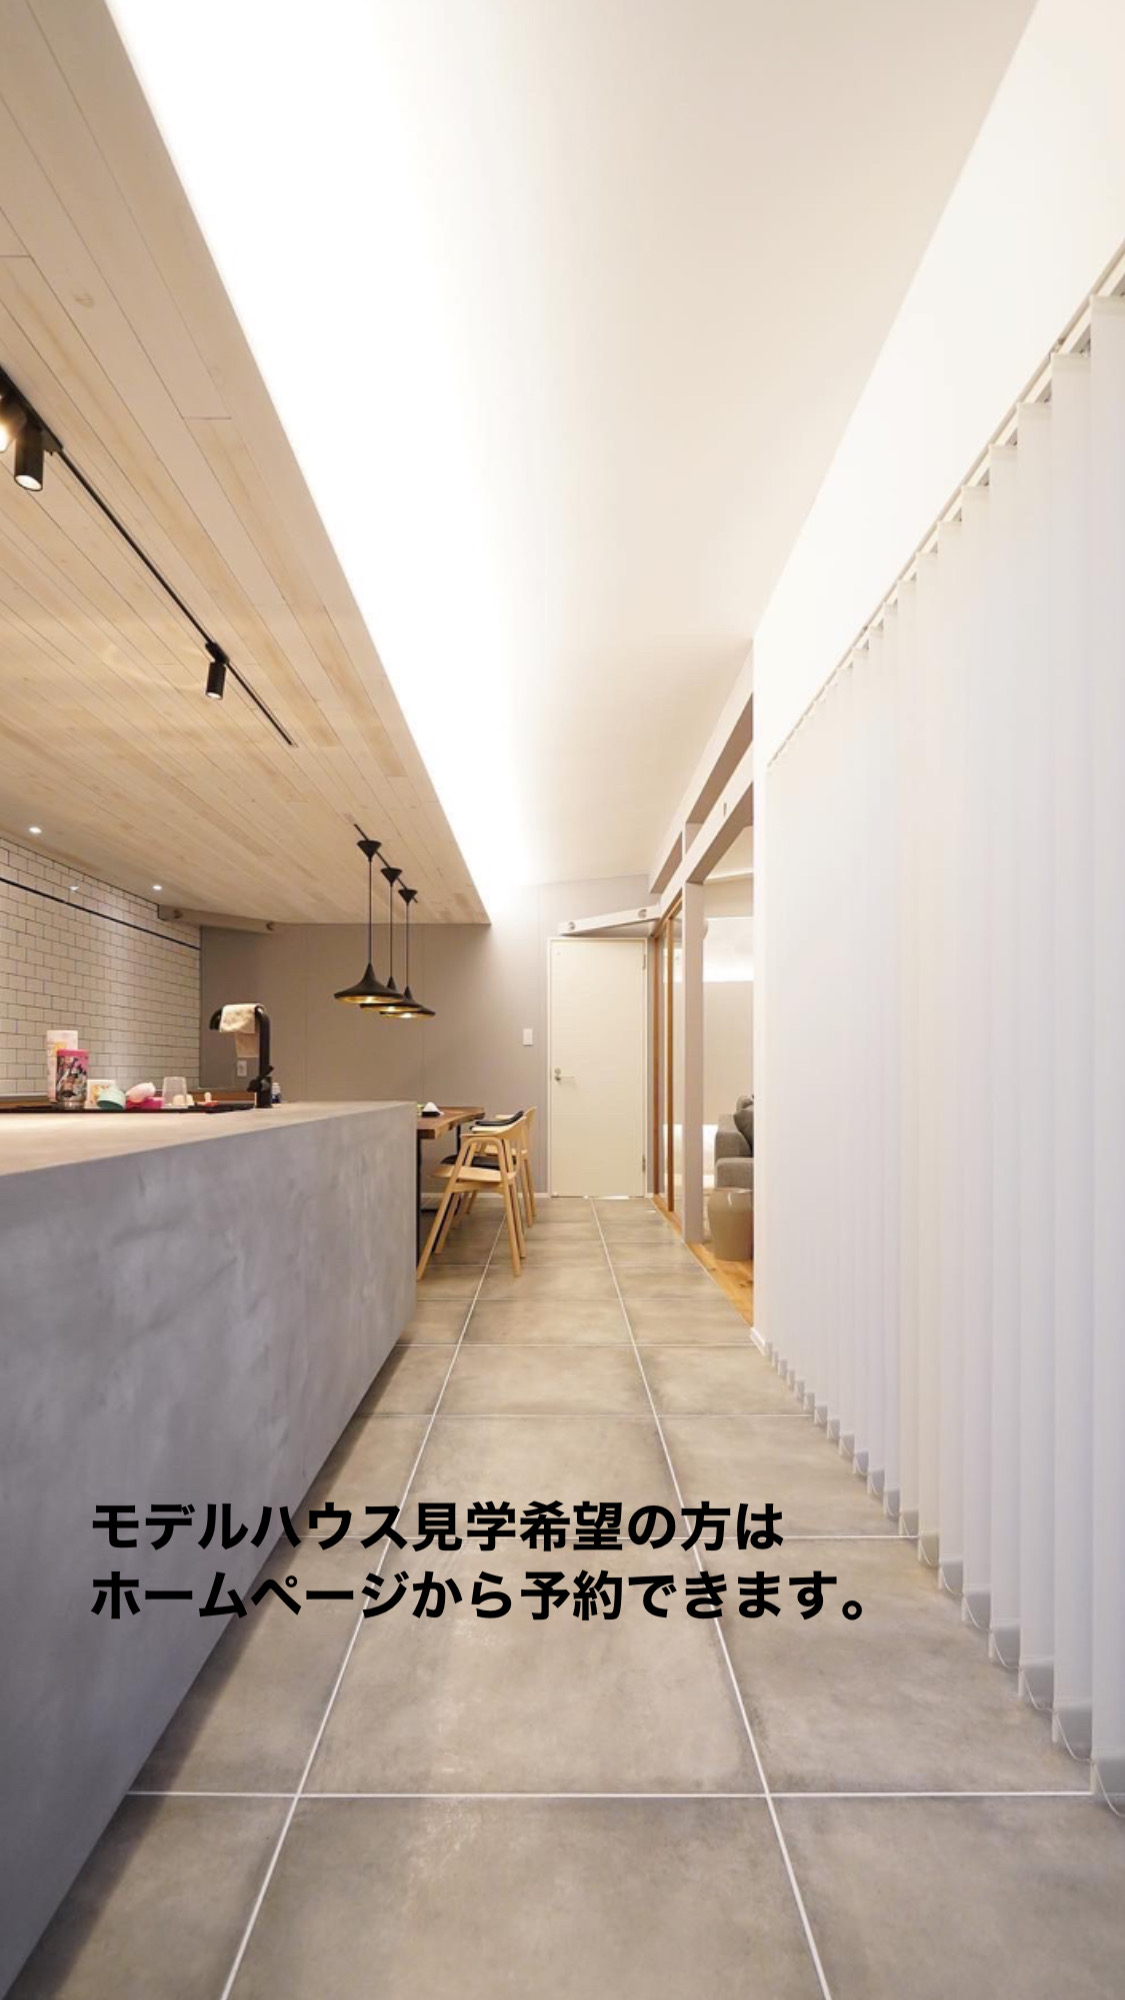 レンジフードがない家|山梨県の工務店、未来建築工房とつくる注文住宅。